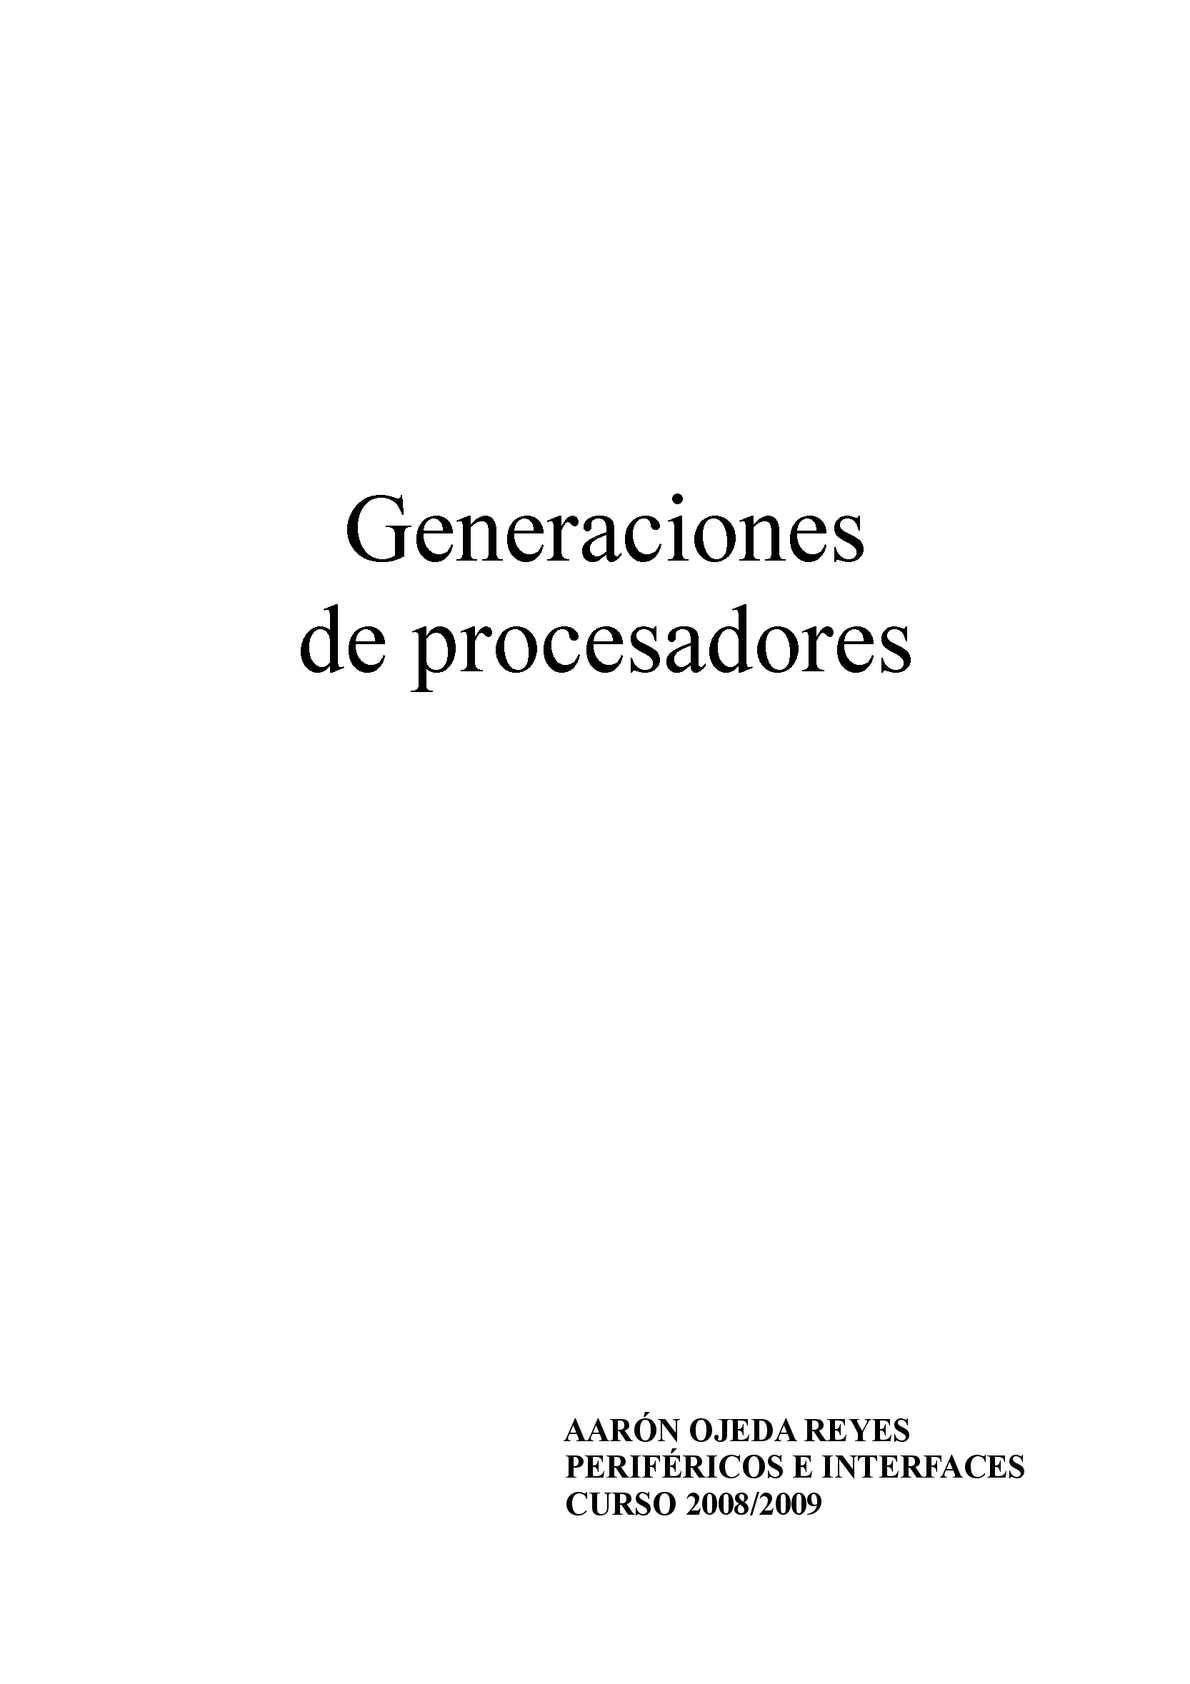 Calaméo - GENERACIONES DE PROCESADORES